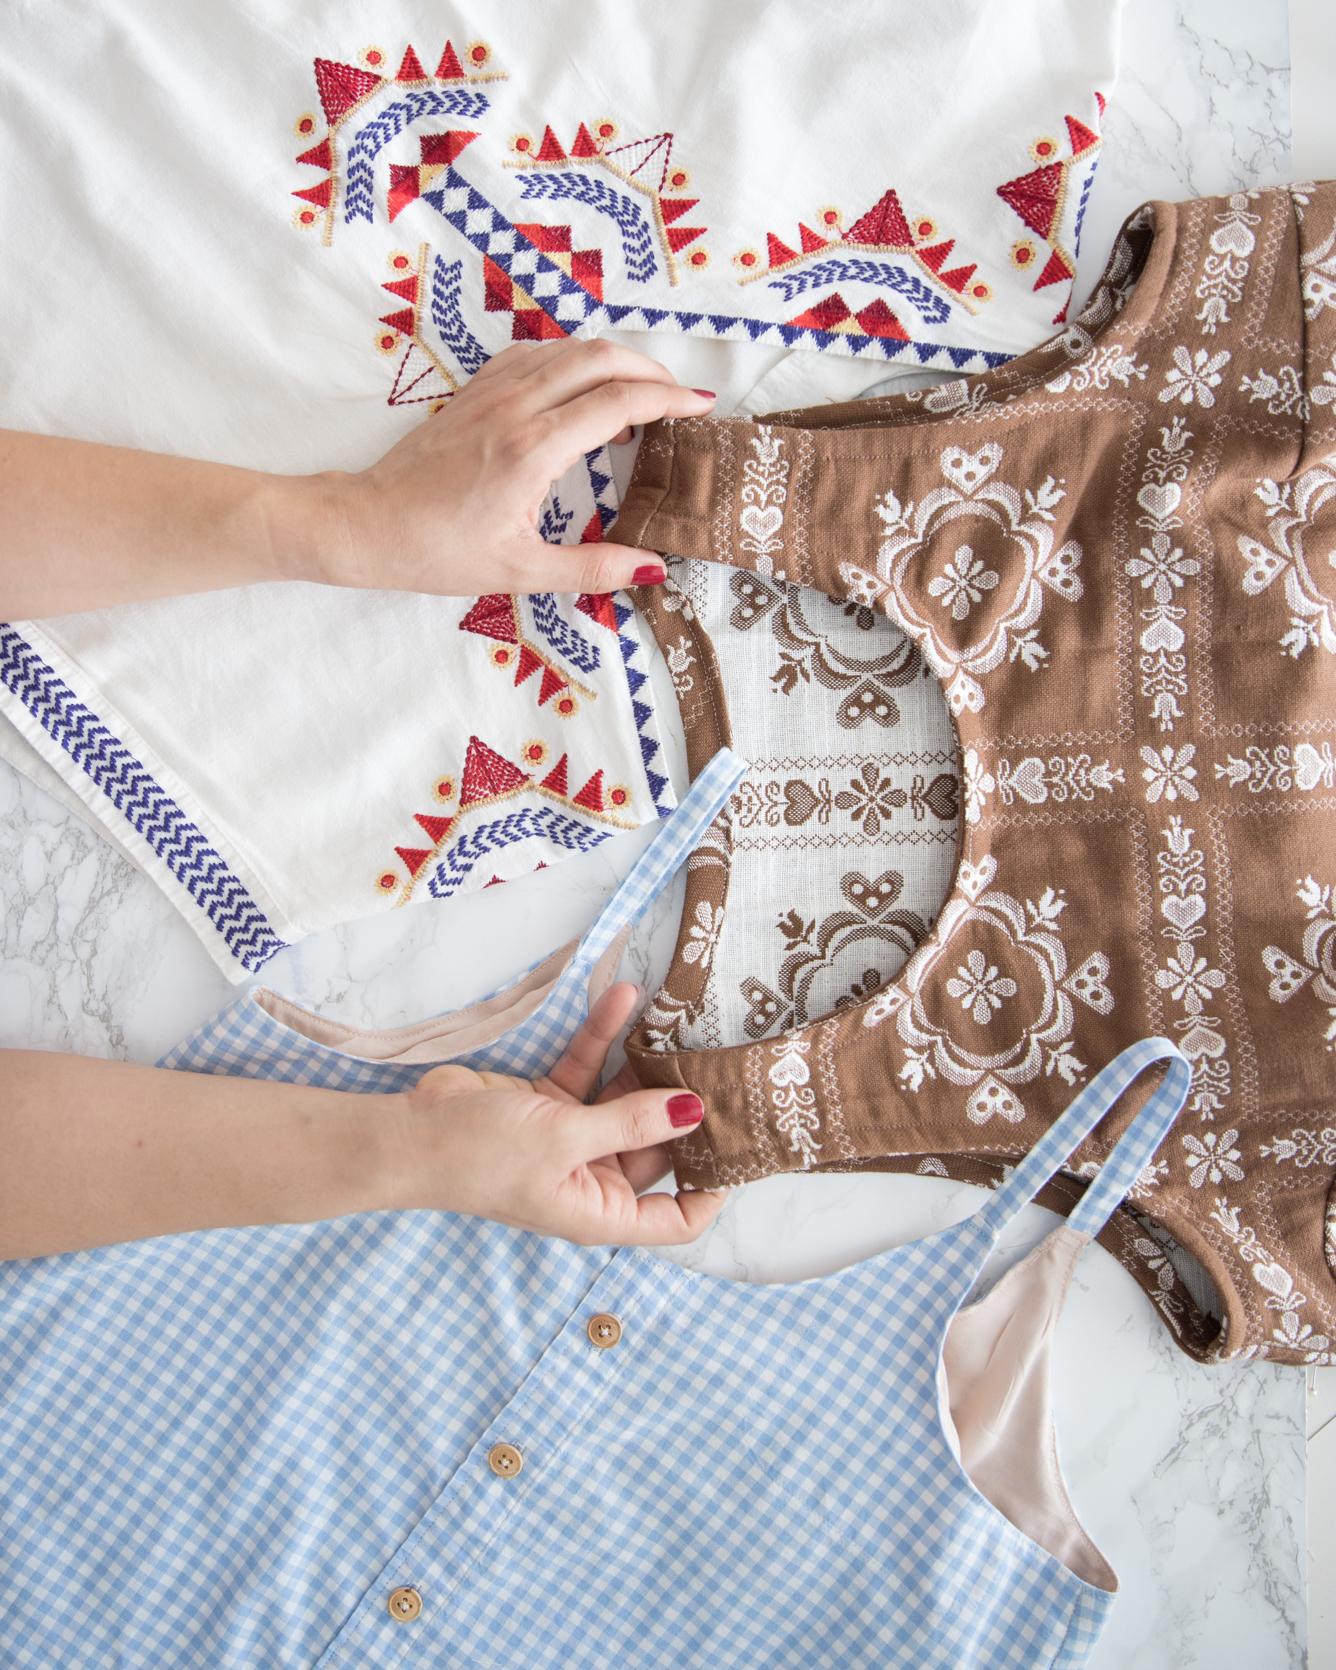 Refashion Neue Oberteile aus alten Kleidungsstücken